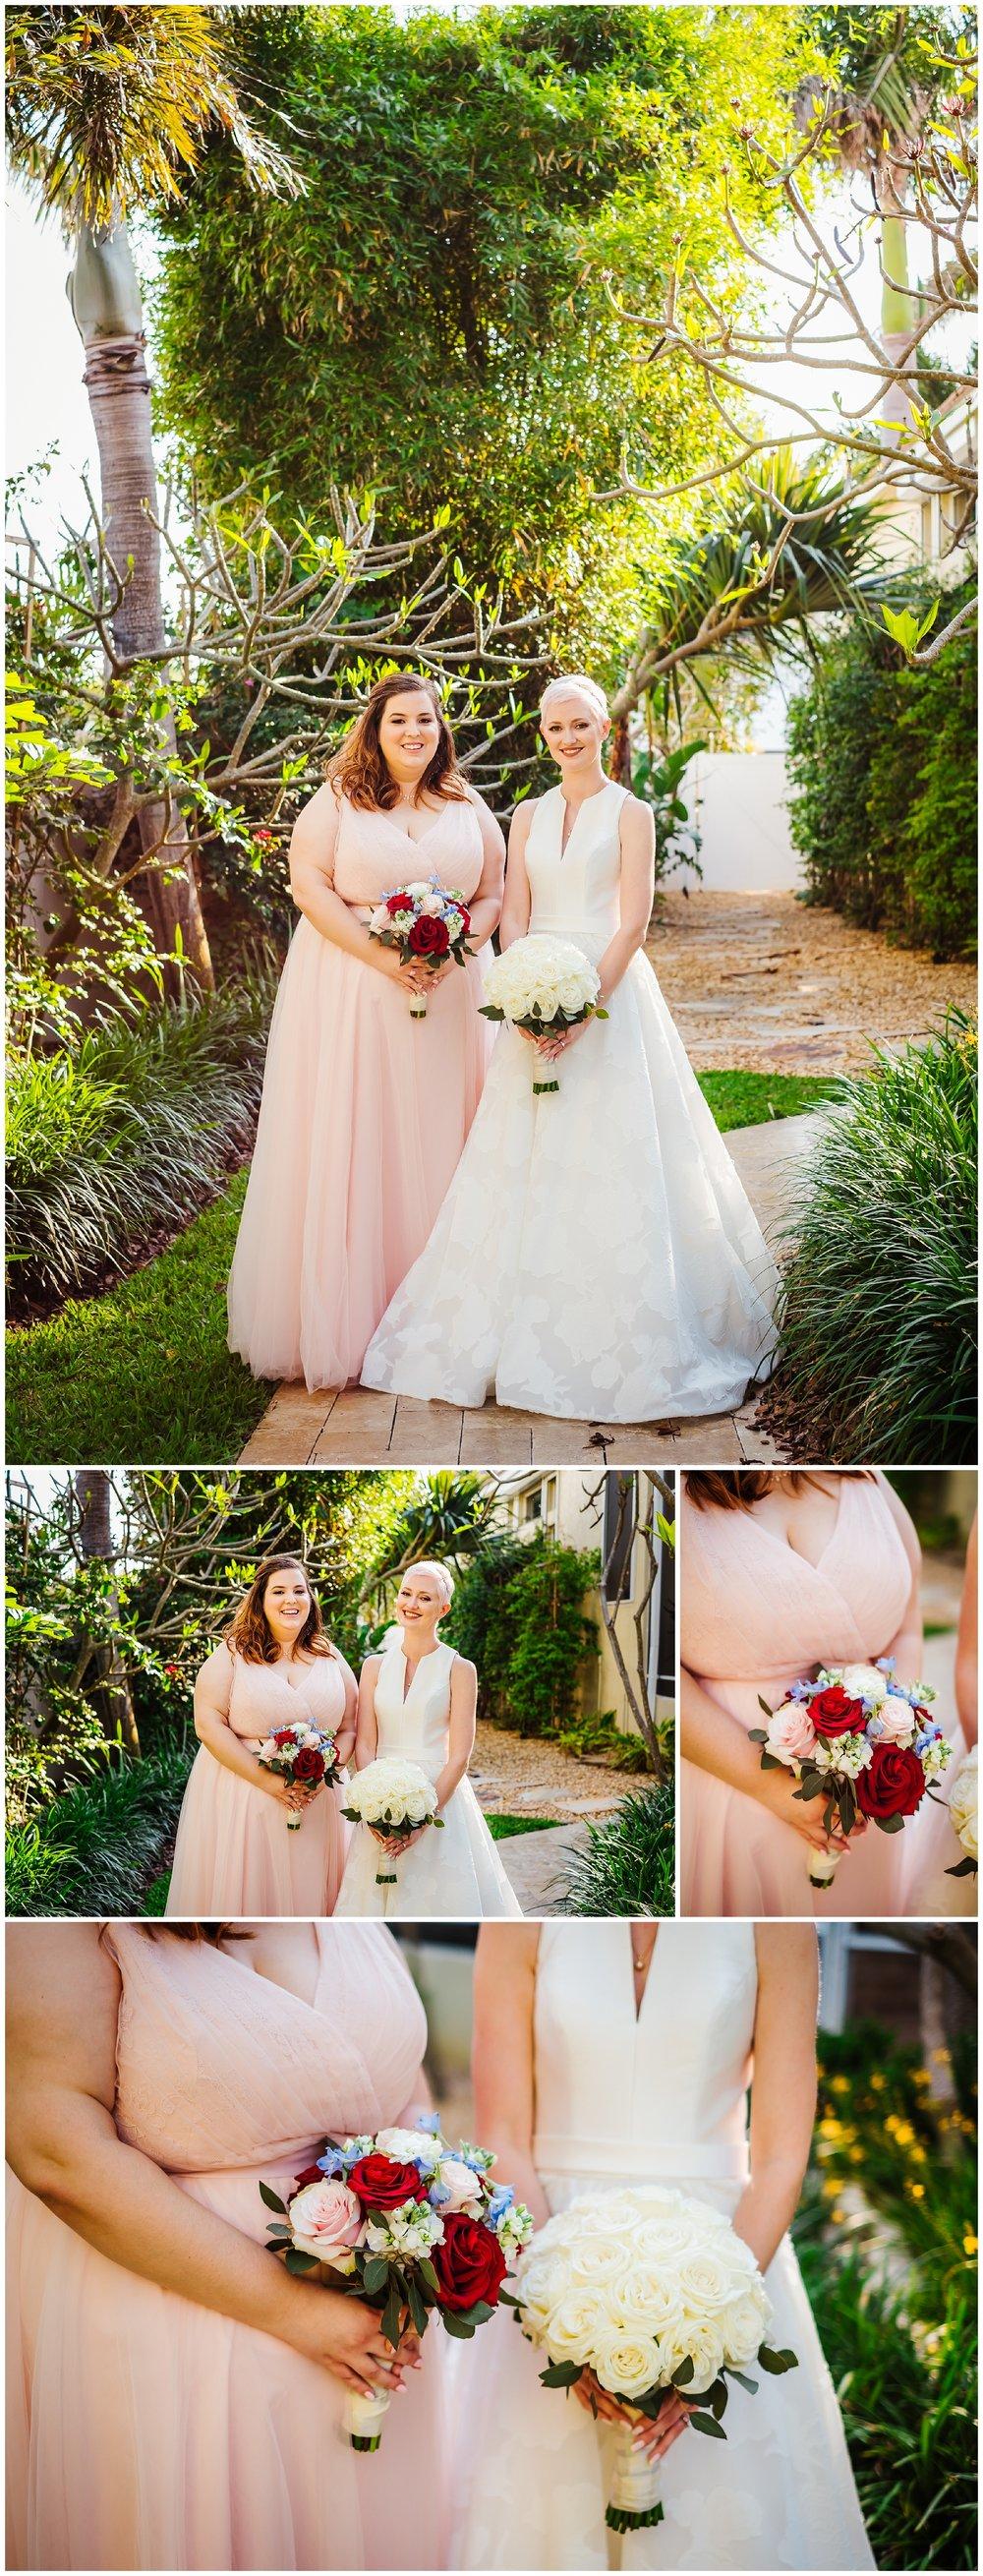 tierra-verde-st-pete-florida-home-luxury-wedding-greenery-pink-pixie-bride_0033.jpg